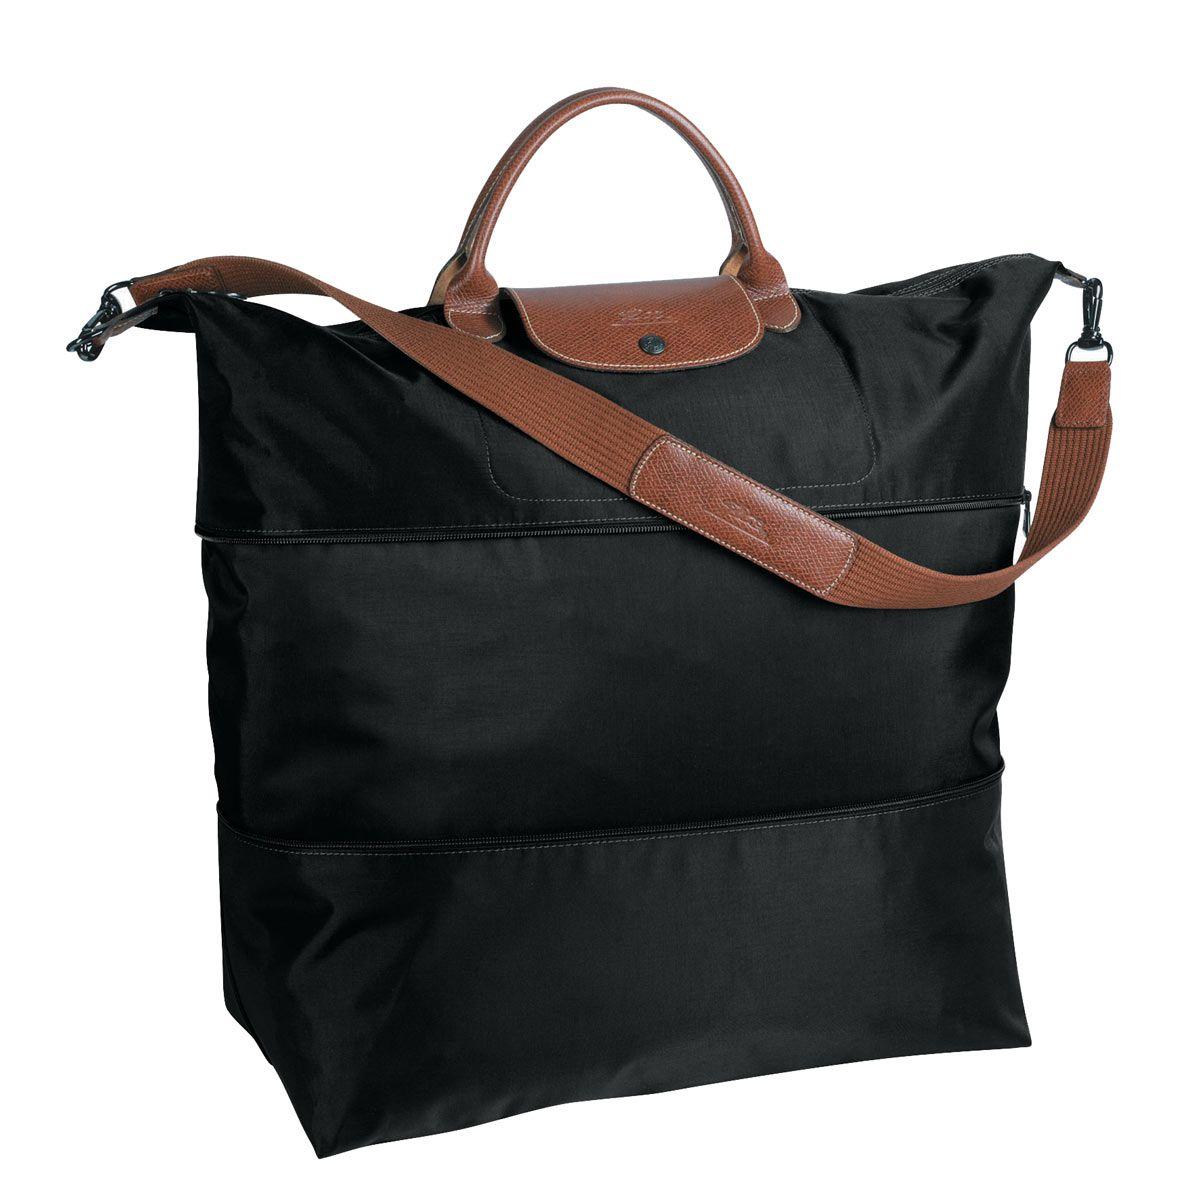 5d25d9a7161b Best Travel Bag! Longchamp-LePliage-Expandable-Folding-Travel-Bag-02 ...